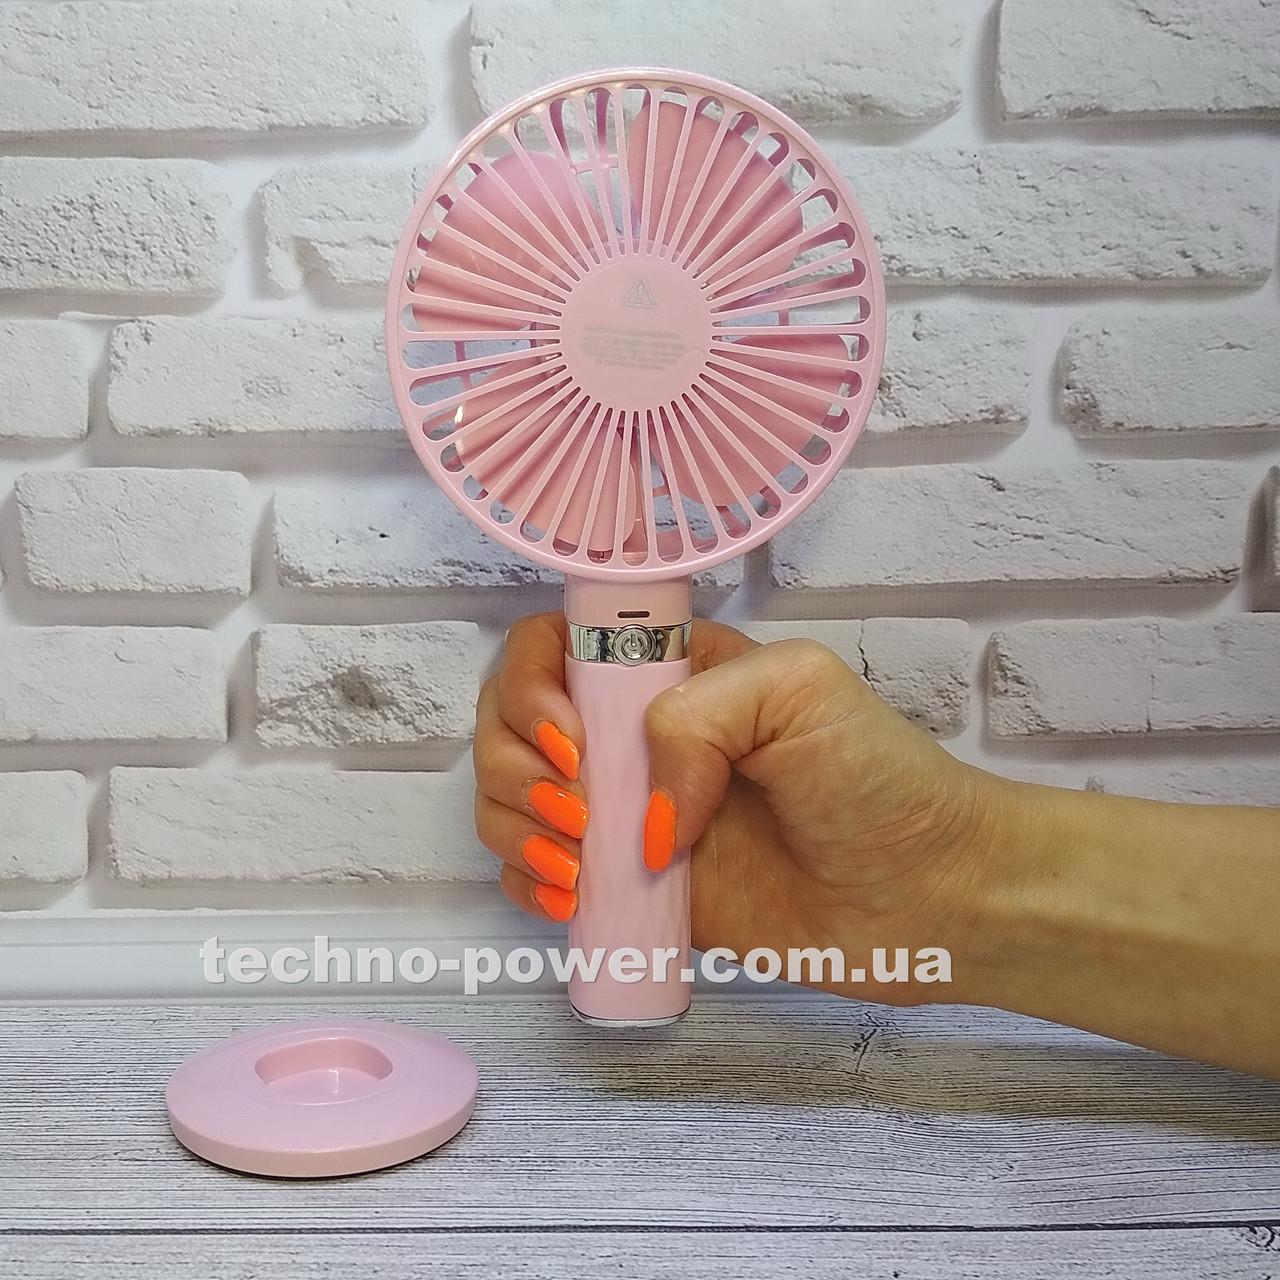 Портативный мини-вентилятор Handy Fan S8 Pink. Ручной вентилятор с аккумулятором S8 Розовый